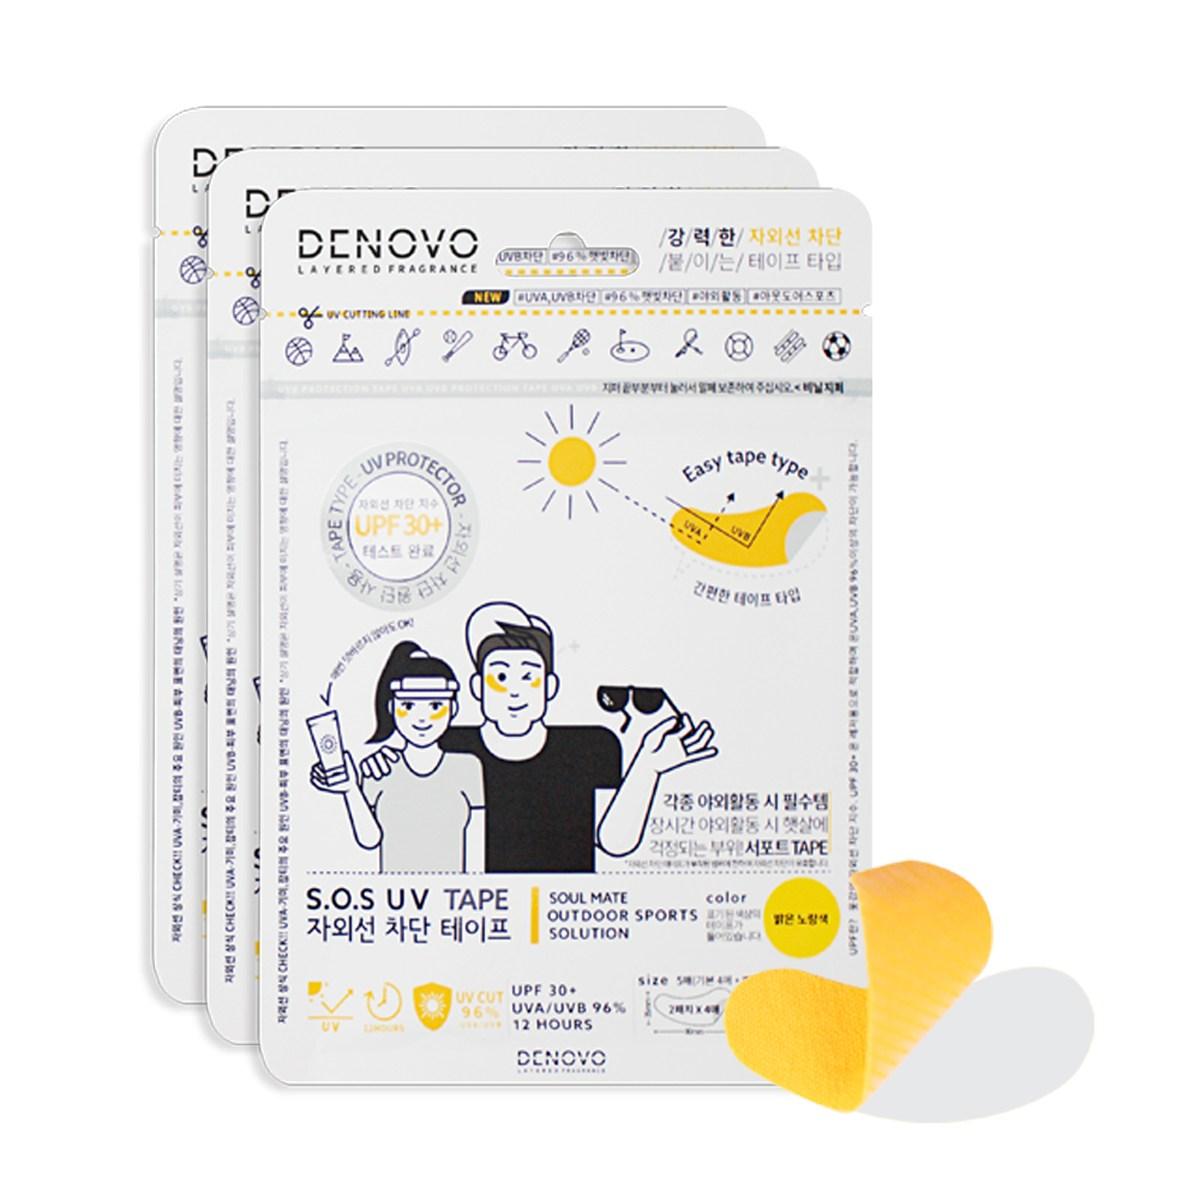 디노보 자외선 차단 테이프 UPF 30+ 밝은 노랑색, 3세트